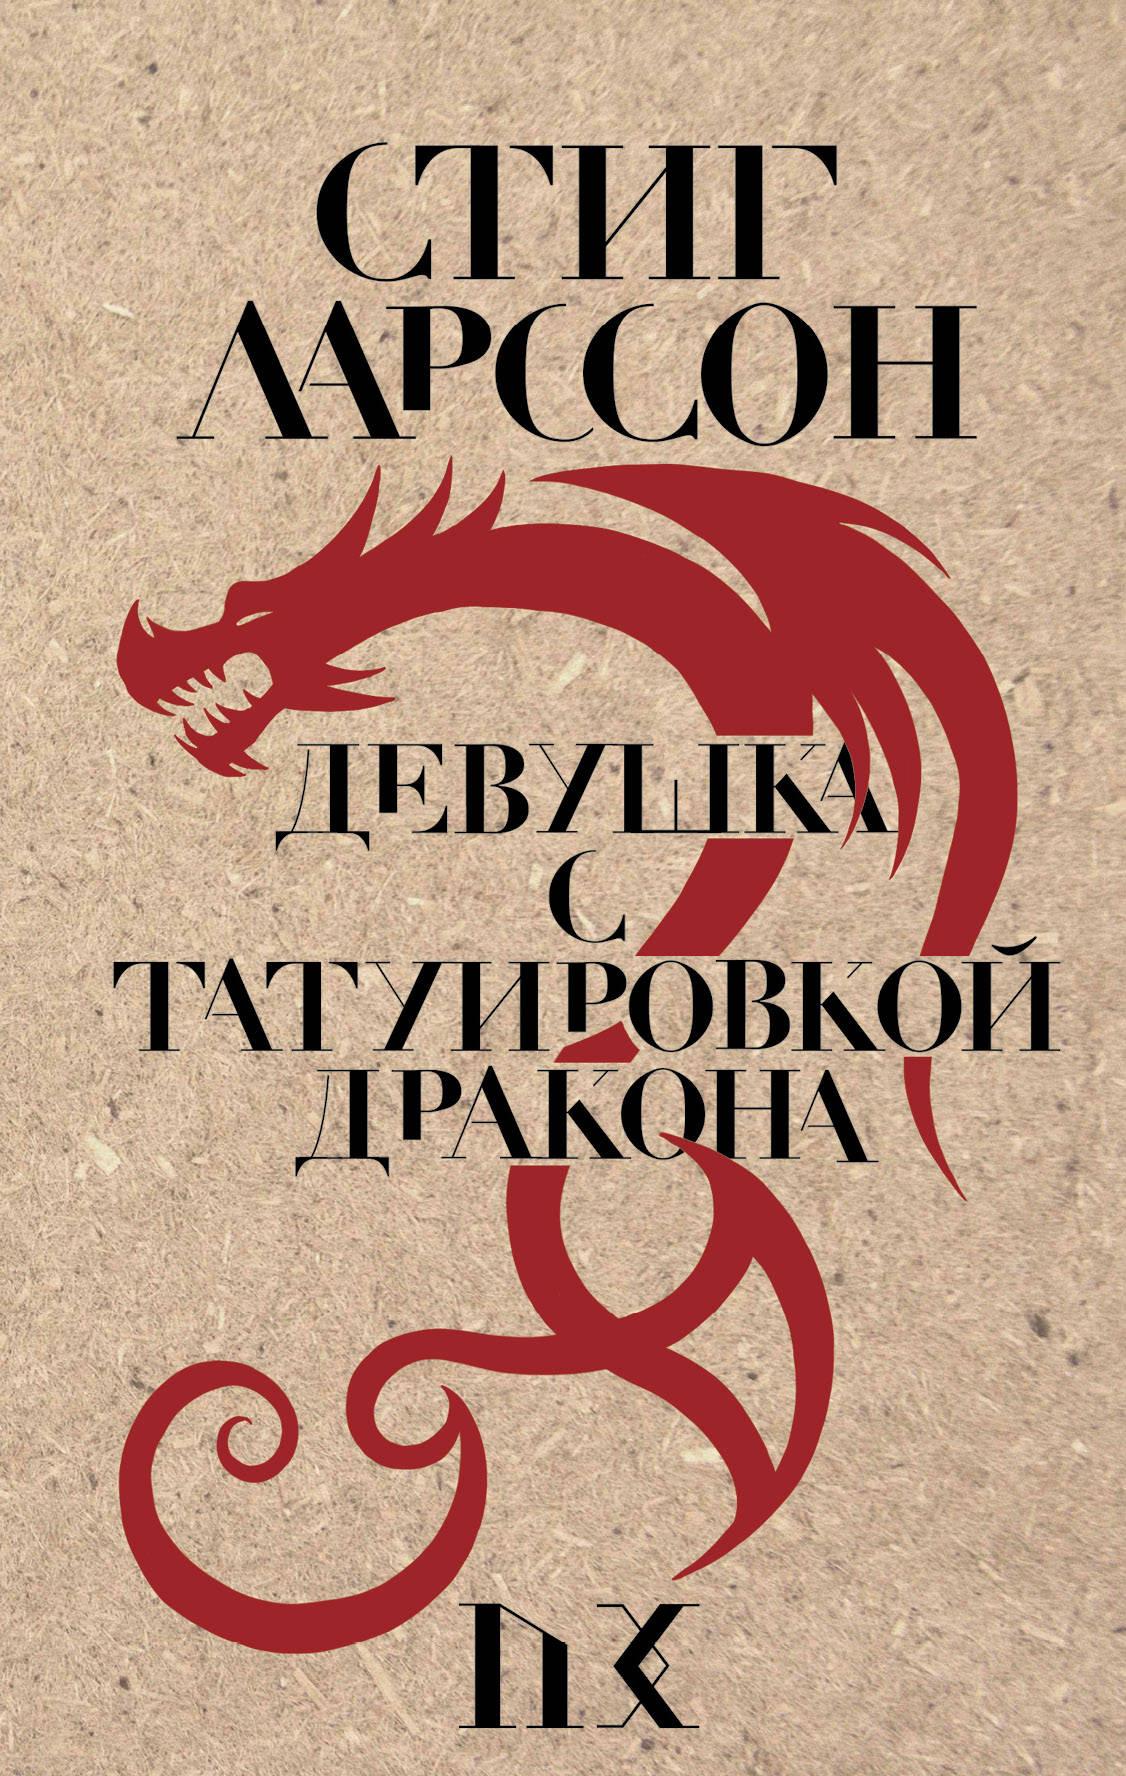 Devushka s tatuirovkoj drakona